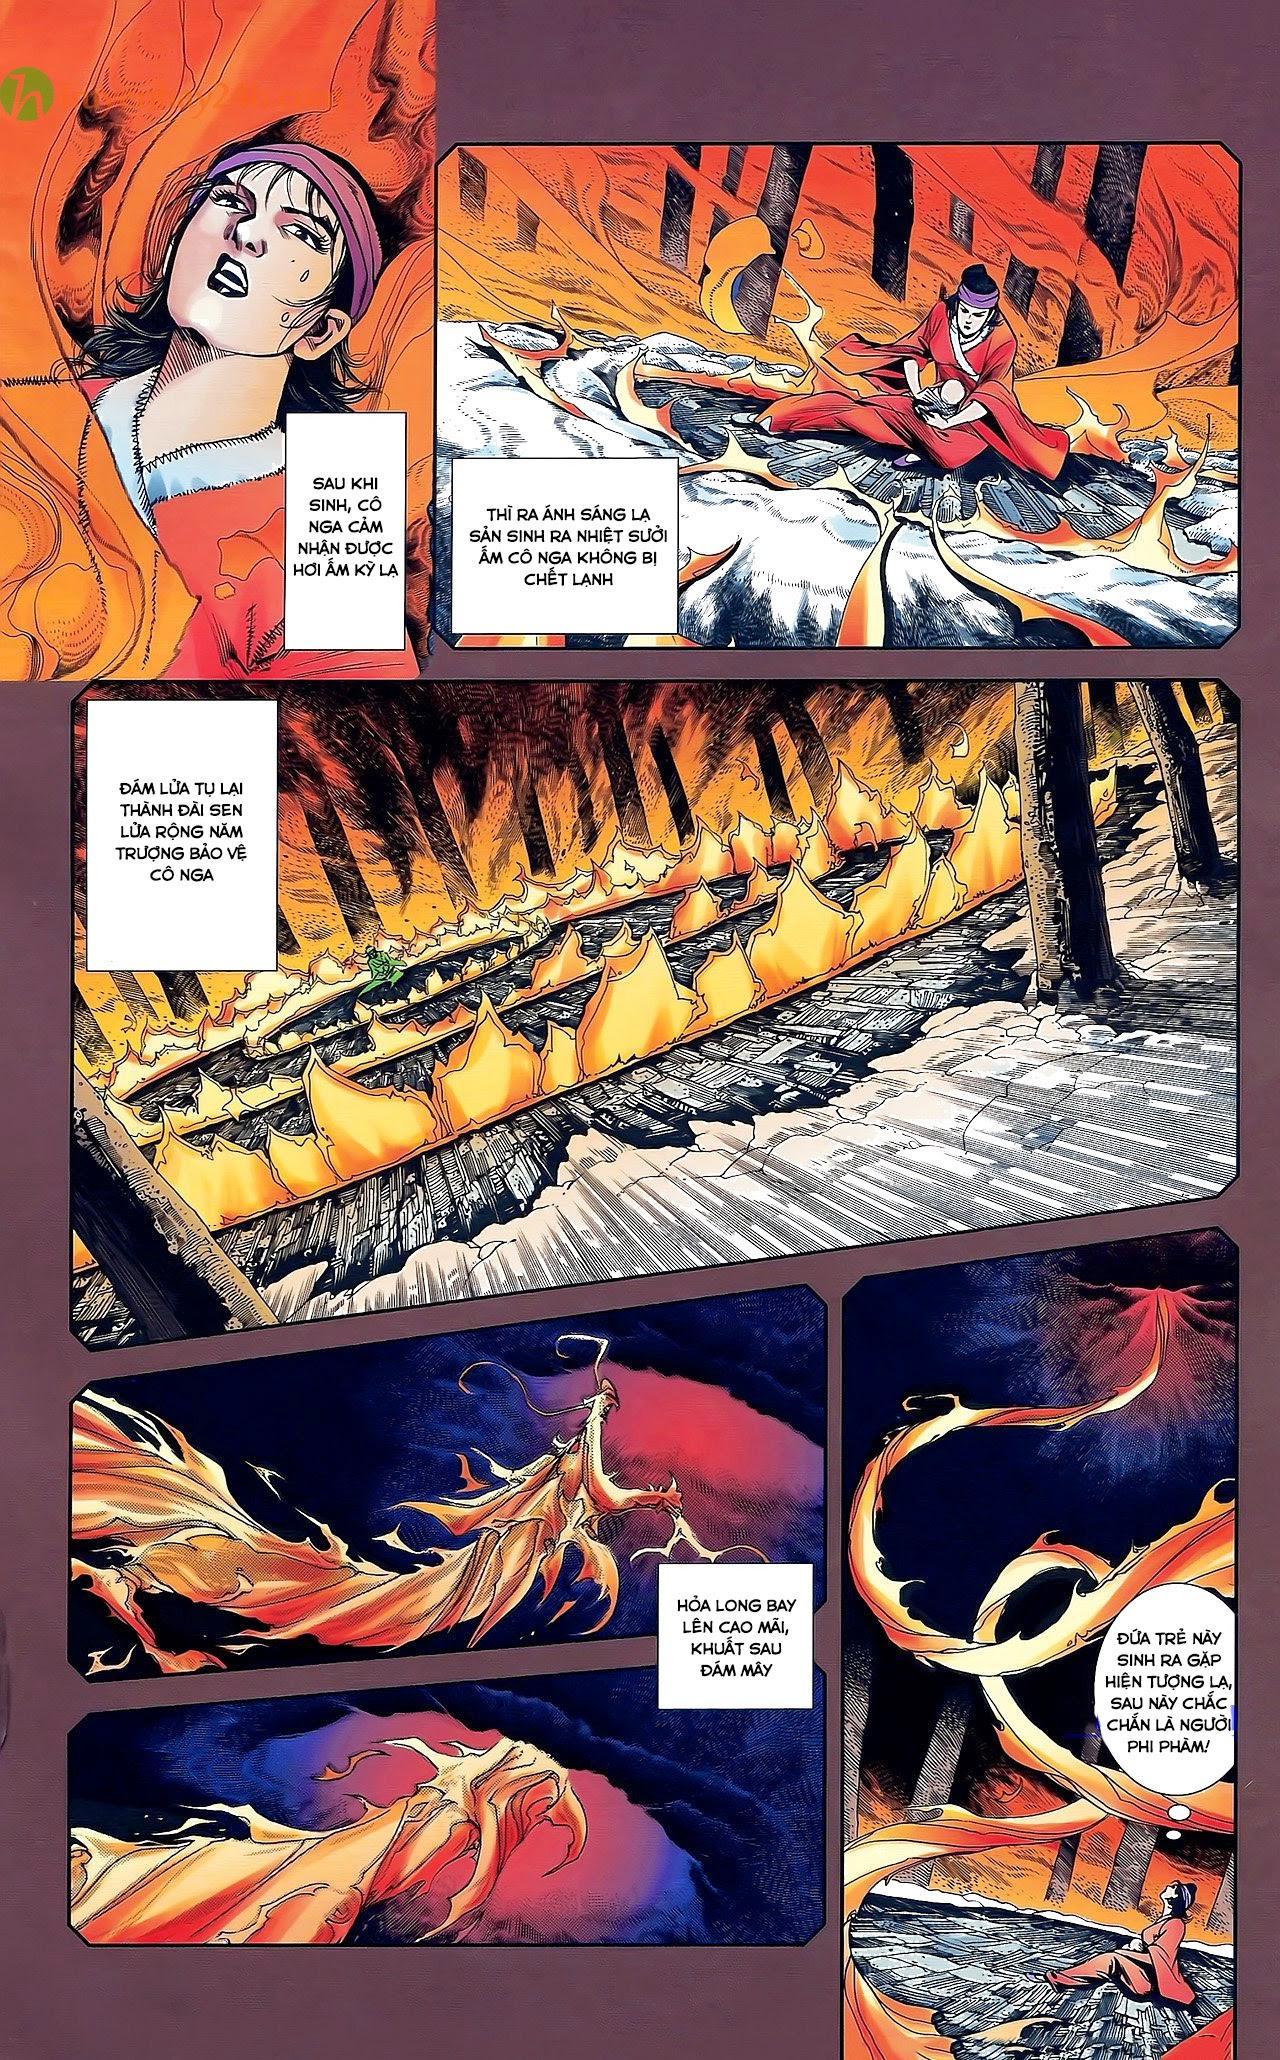 Tần Vương Doanh Chính chapter 30 trang 5